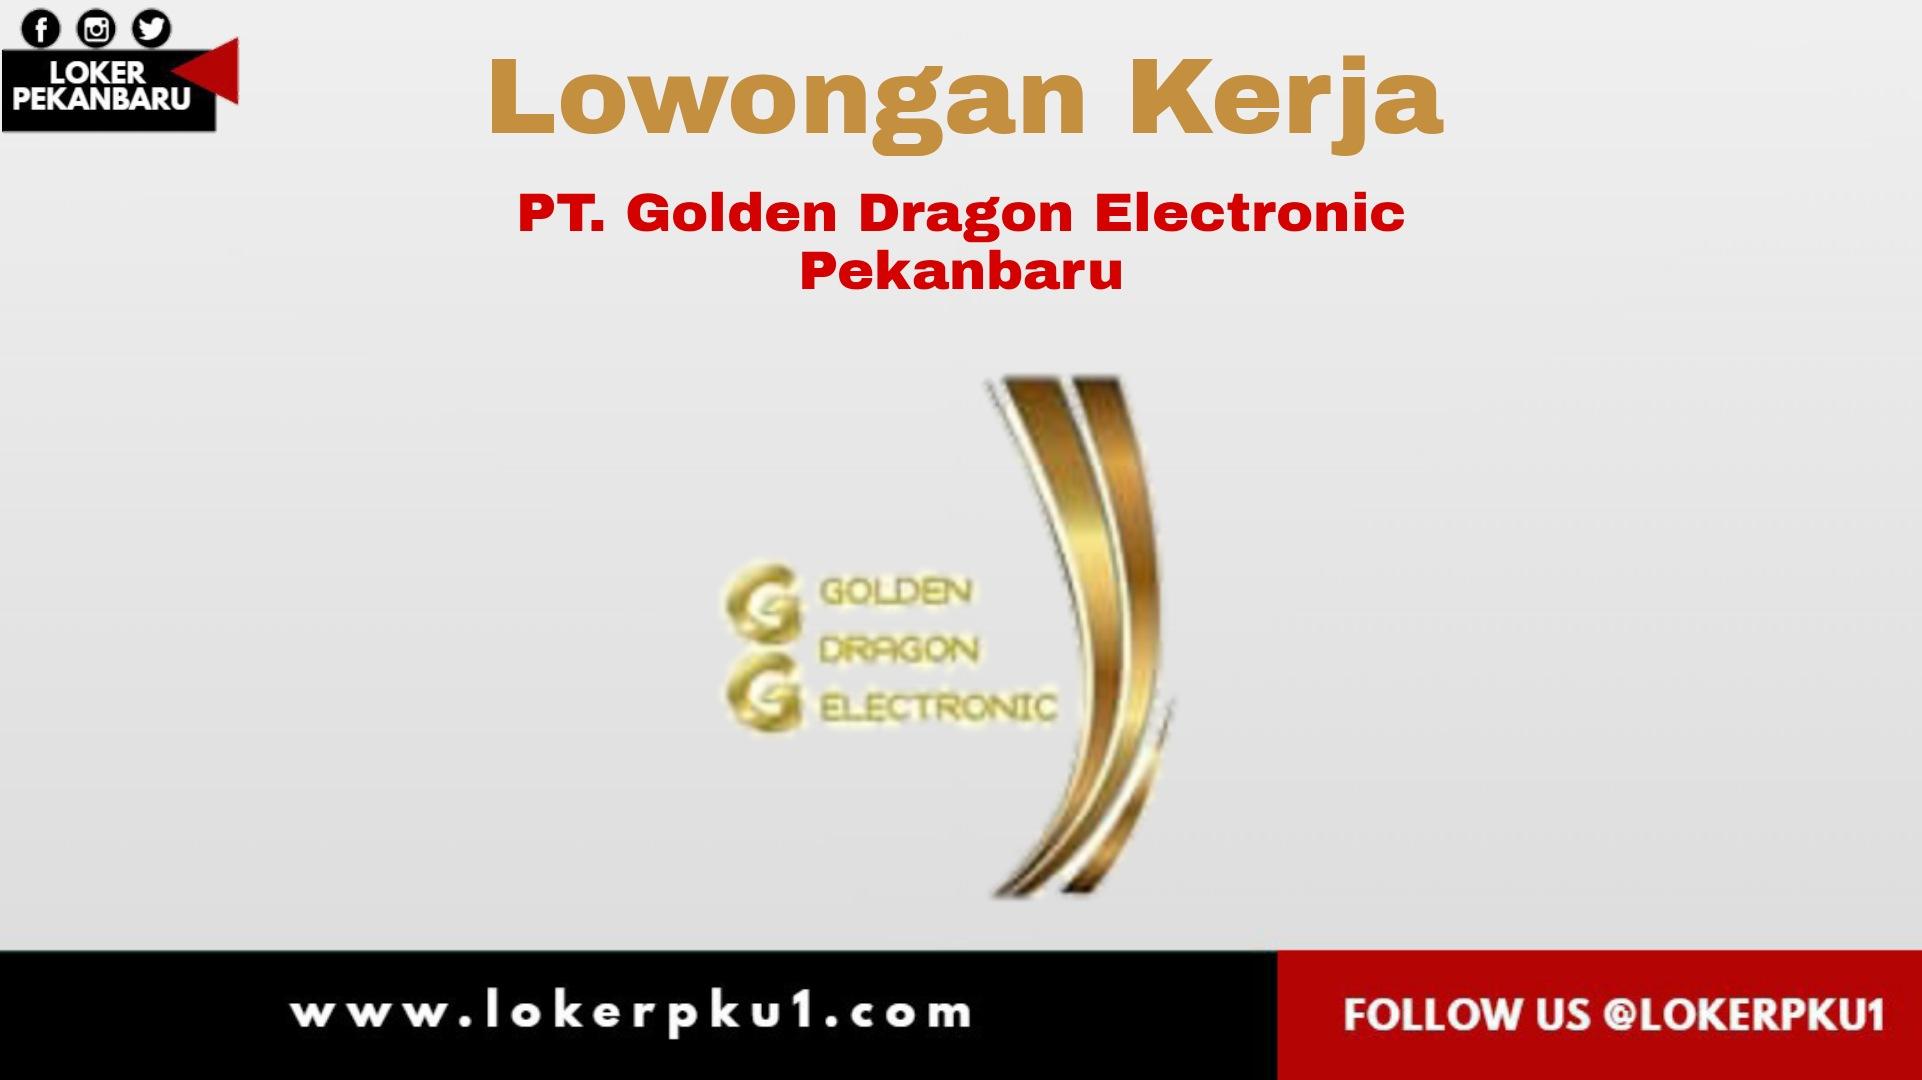 Lowongan Kerja Pt Golden Dragon Electronic Pekanbaru Desember 2020